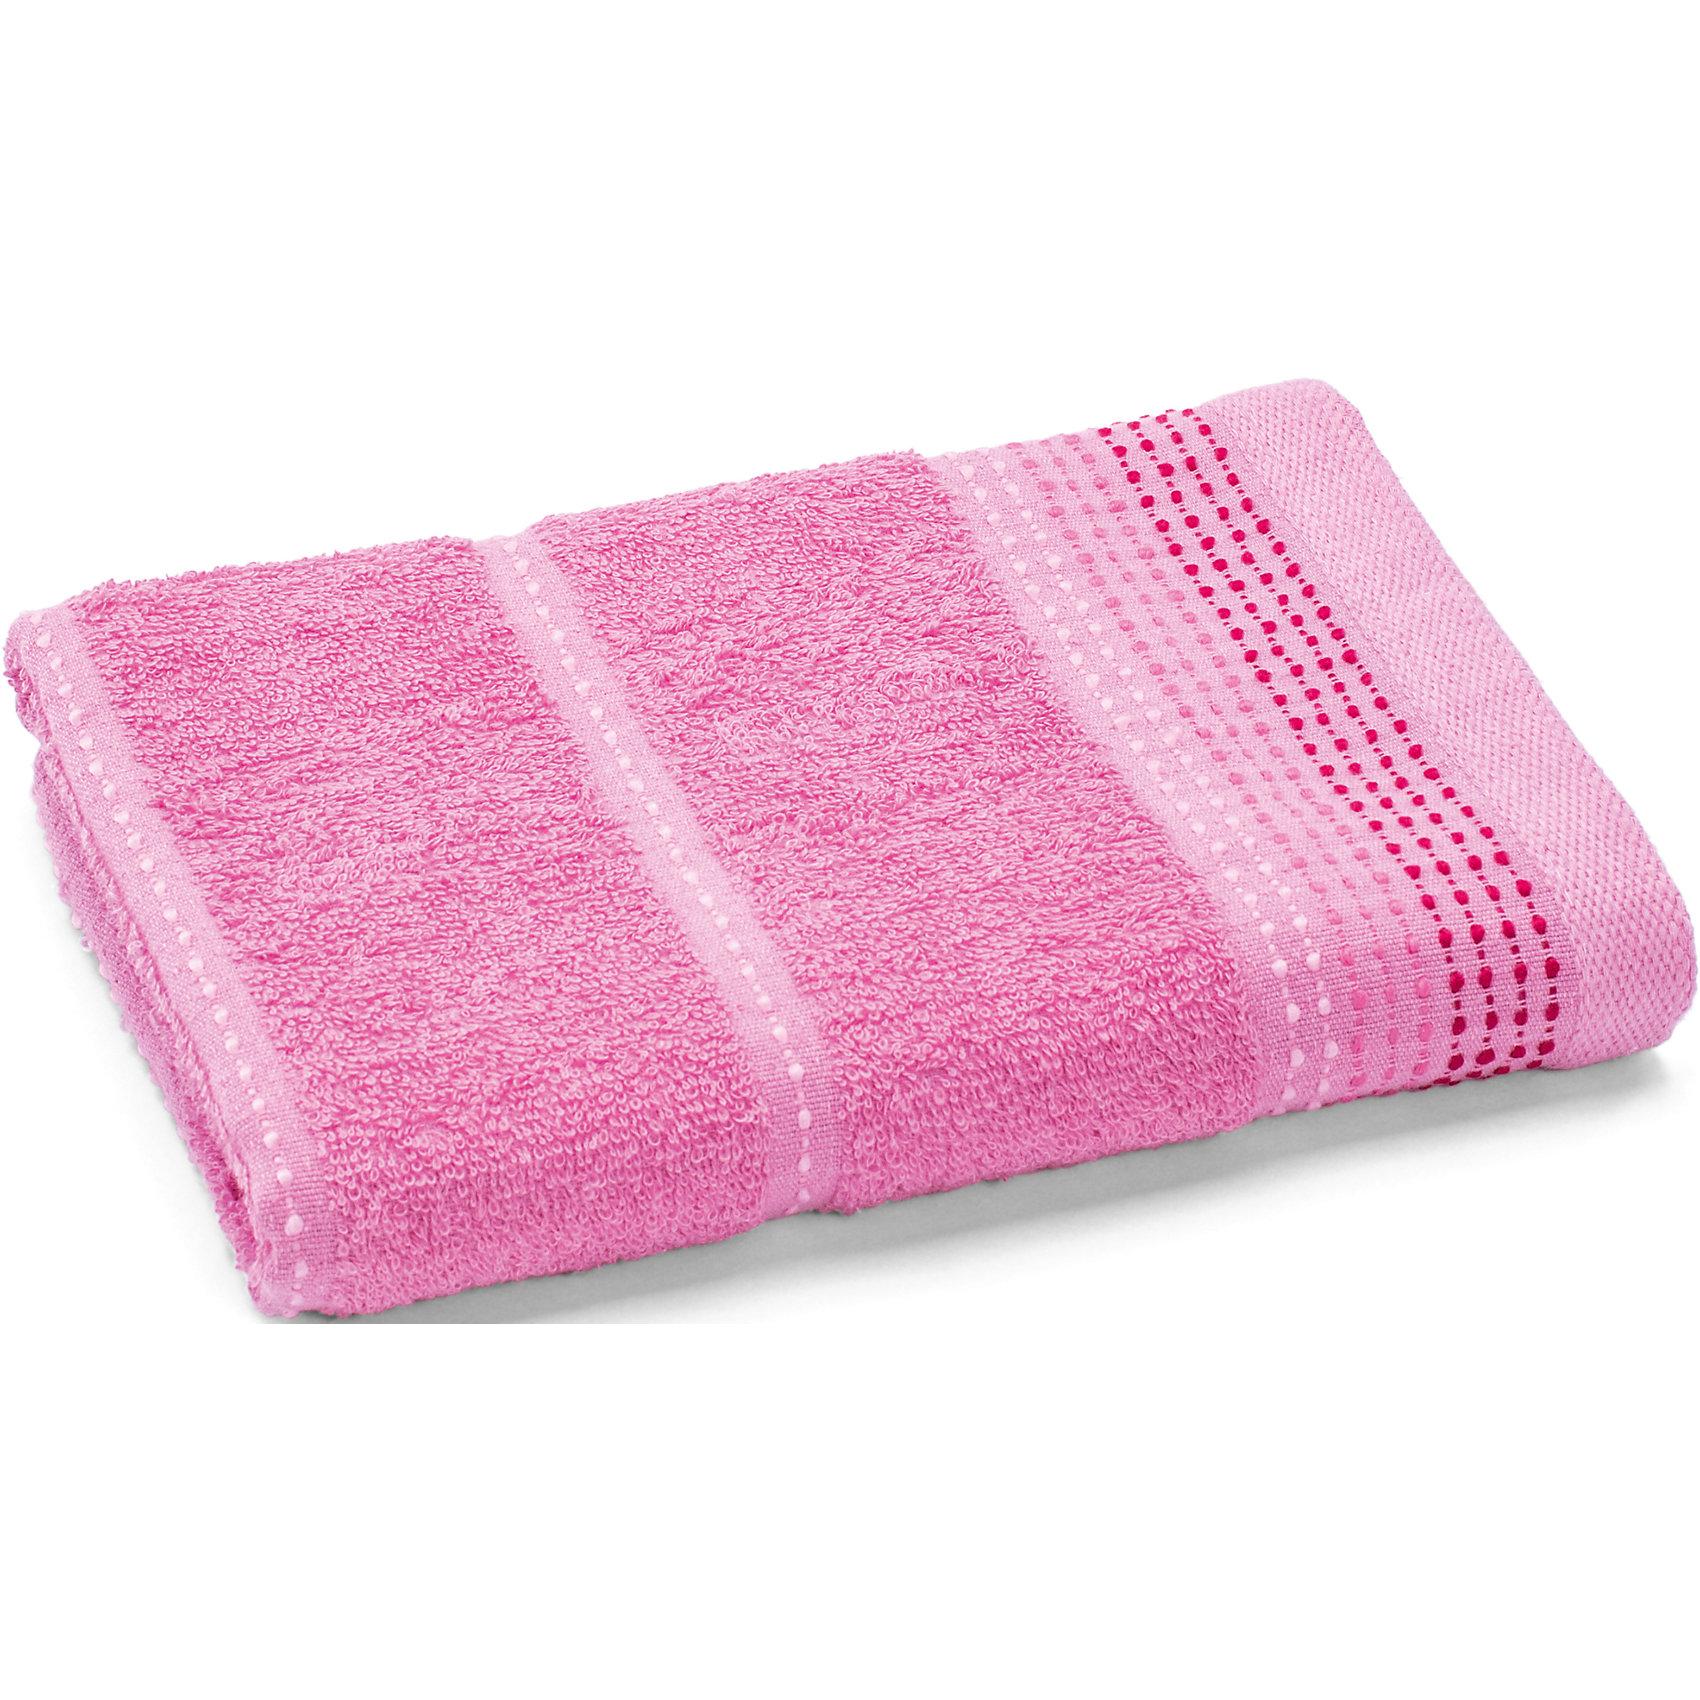 Полотенце махровое Клео 35*70, Любимый дом, розовыйМахровое полотенце Клео очень мягкое и приятное телу. Оно изготовлено из качественного хлопка, отлично впитывает влагу. Полотенце украшено контрастной вышивкой по краю. Отлично впишется в вашу ванную комнату.<br><br>Дополнительная информация:<br>Материал: 100% хлопок<br>Цвет: розовый<br>Размер: 35х70 см<br>Торговая марка: Любимый дом<br><br>Вы можете приобрести махровое полотенце Клео в нашем интернет-магазине.<br><br>Ширина мм: 500<br>Глубина мм: 500<br>Высота мм: 200<br>Вес г: 100<br>Возраст от месяцев: 0<br>Возраст до месяцев: 144<br>Пол: Унисекс<br>Возраст: Детский<br>SKU: 5010922